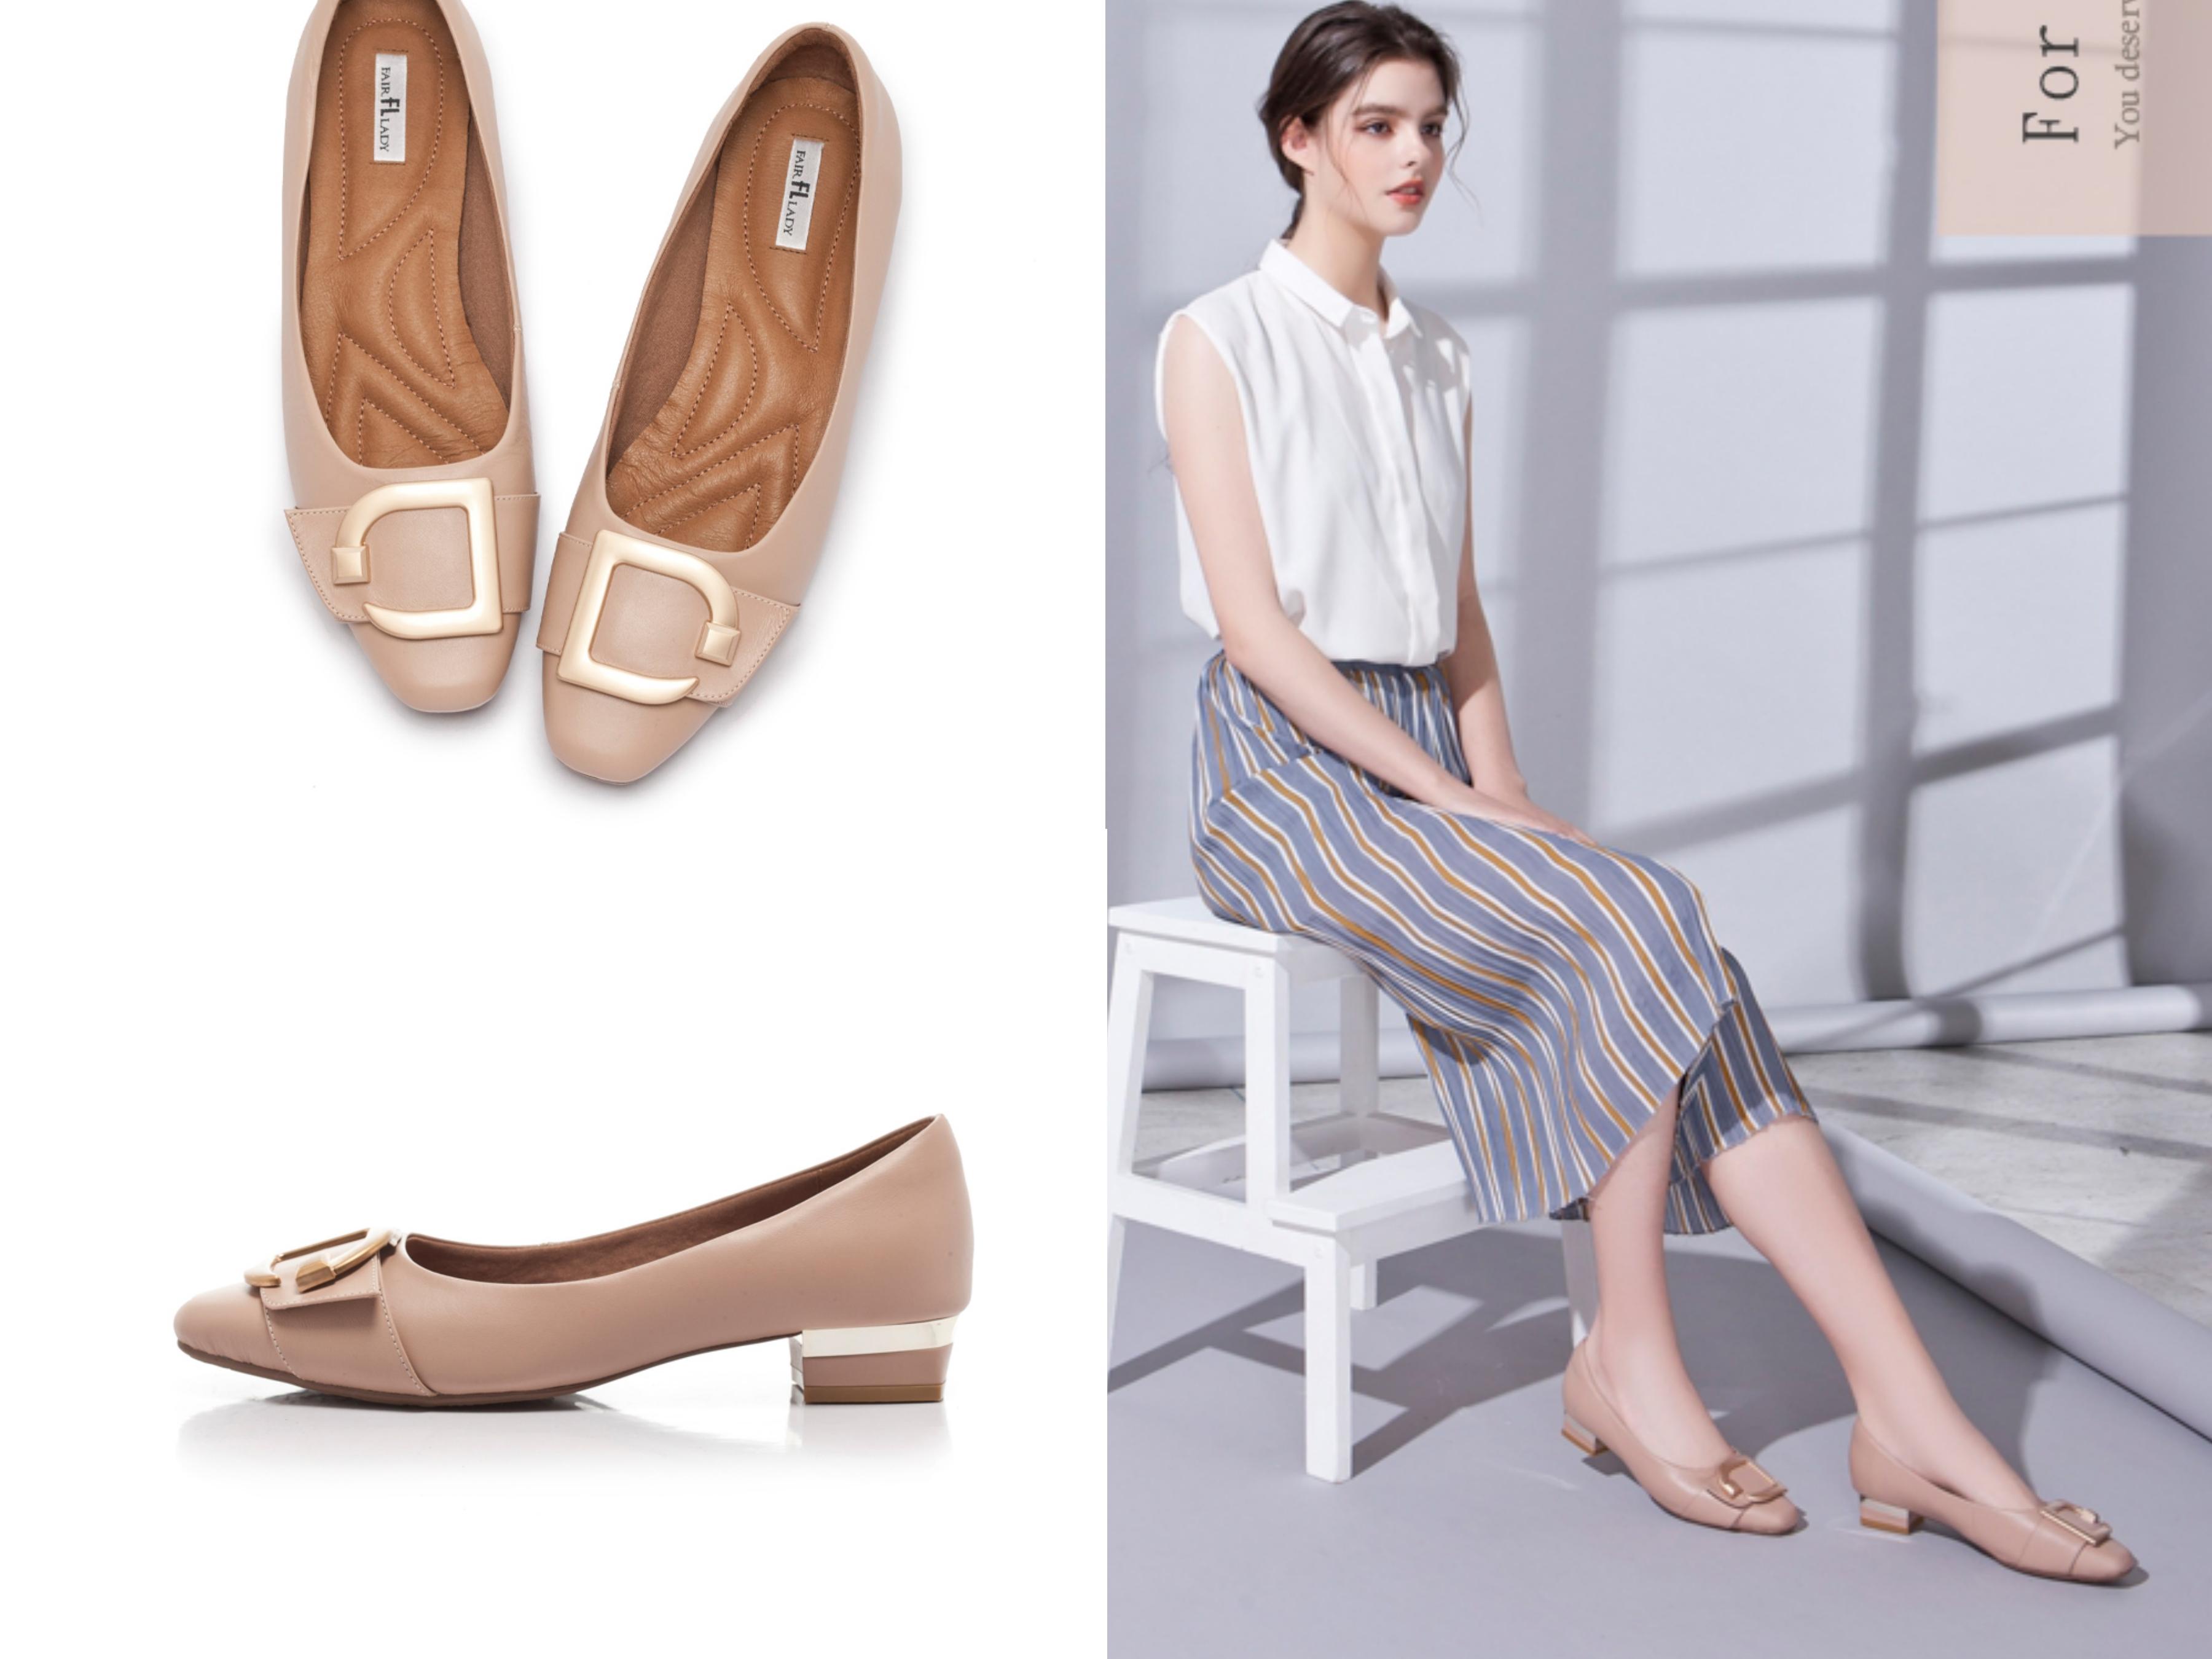 精心打造舒適都會知性鞋款,再加上拼接金屬色塊創造足跟亮點